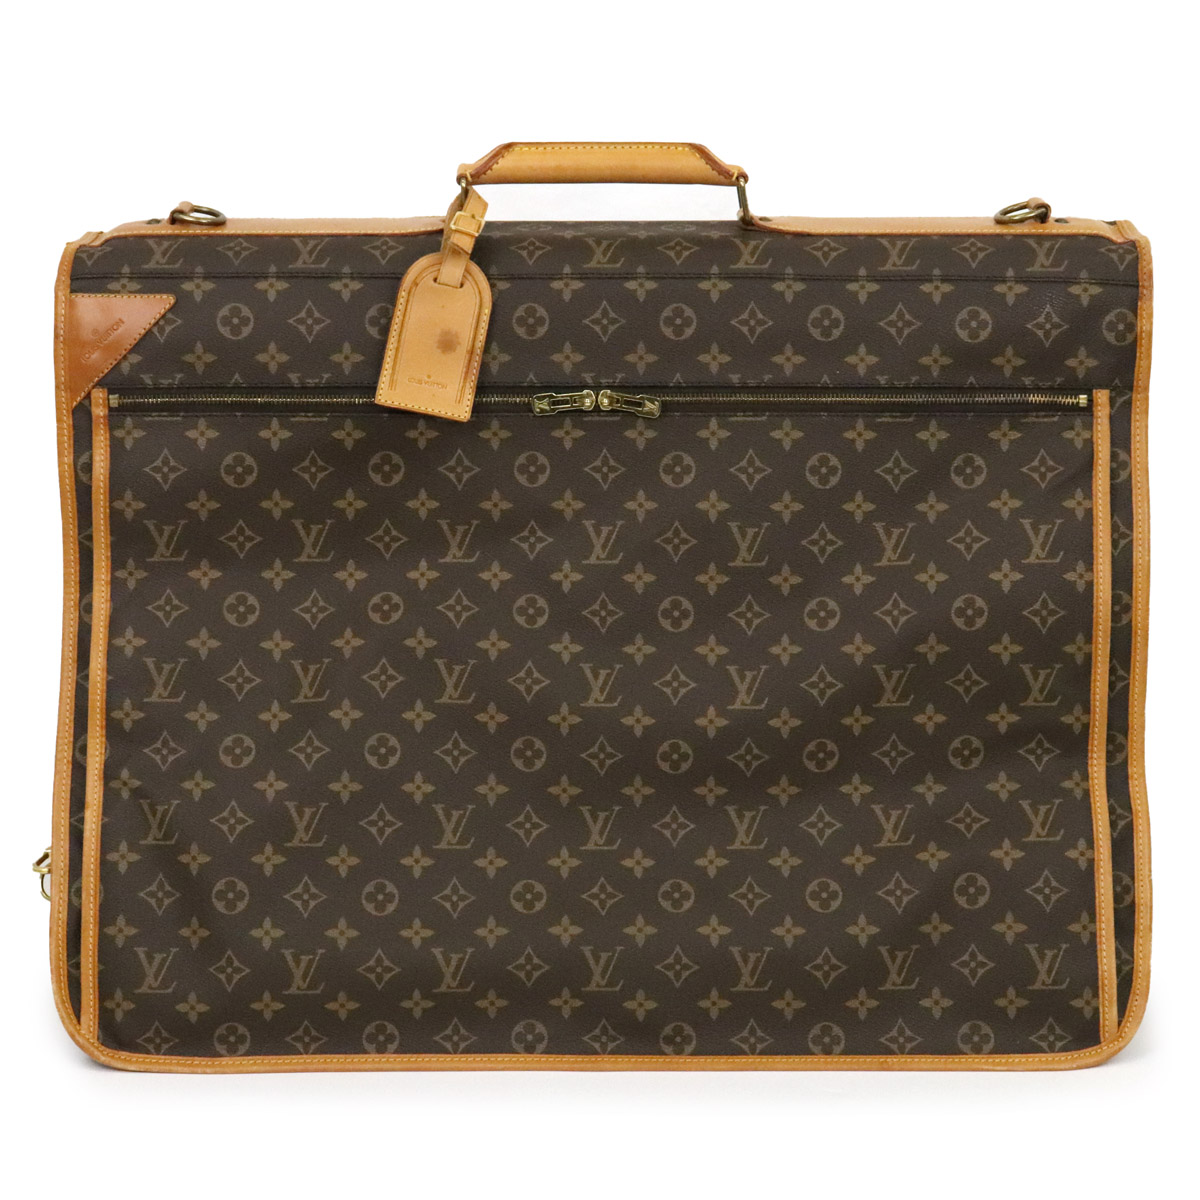 バッグ LOUIS VUITTON ルイ ヴィトン モノグラム ポルタブル スーツカバー サンク 中古 ガーメントカバー M23412 ついに再販開始 ガーメントケース AL完売しました。 サントレ